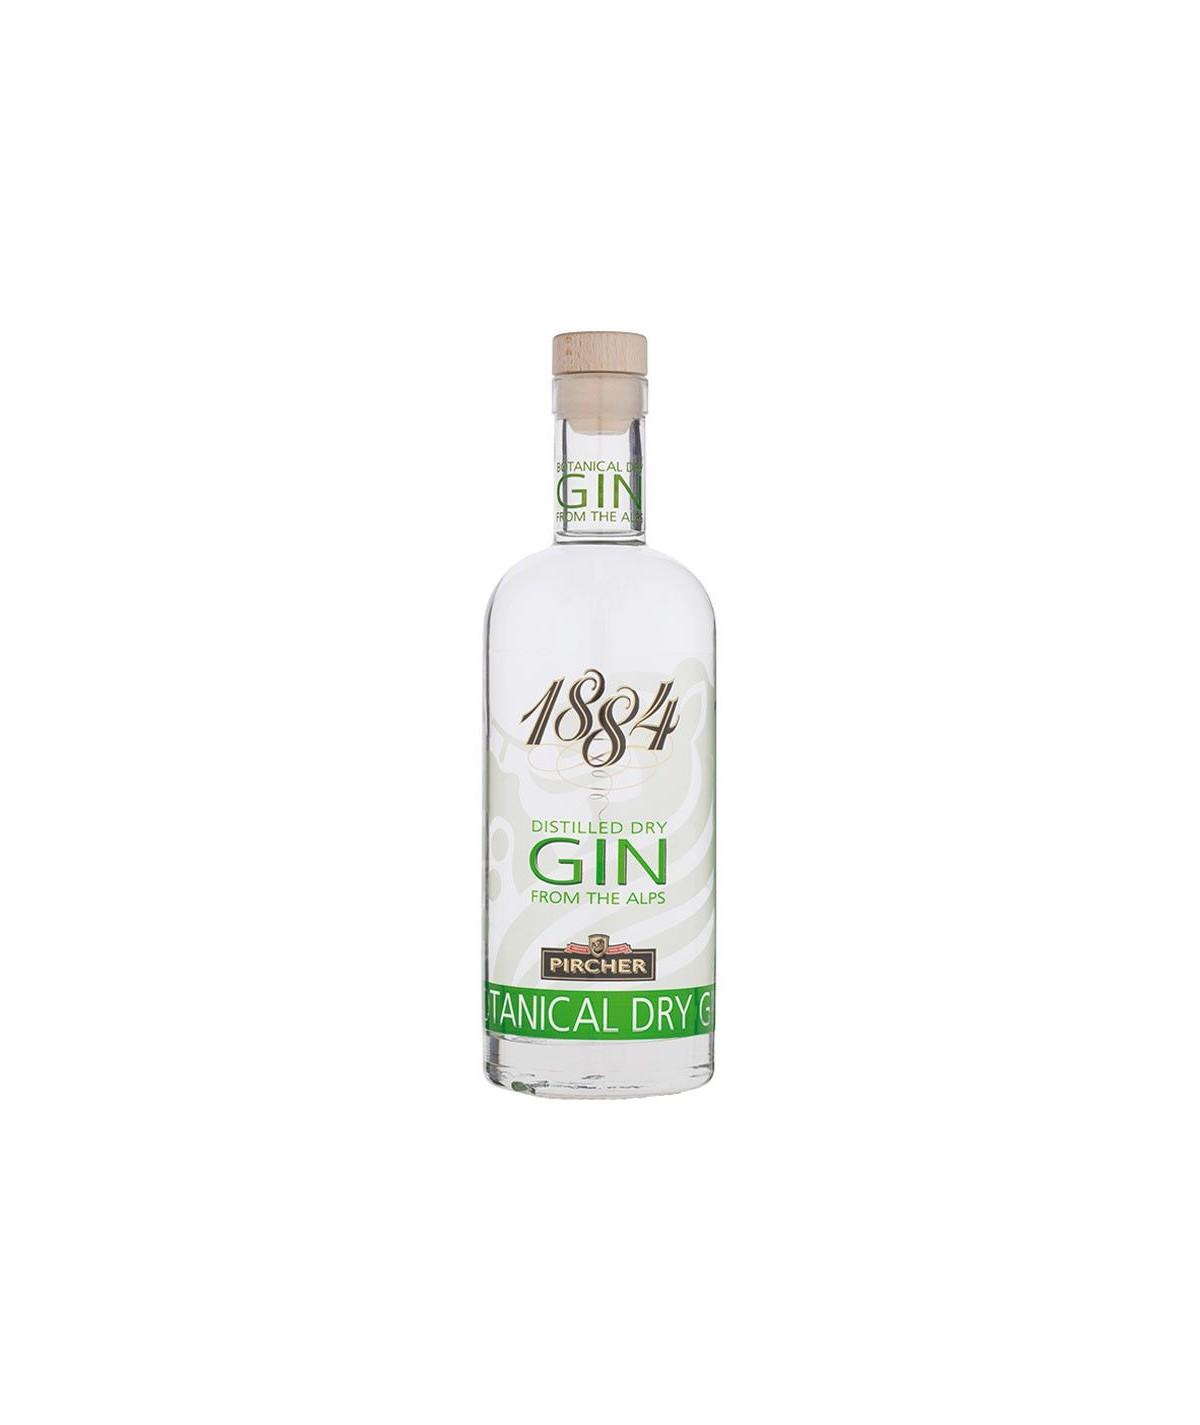 Pircher Dry Gin 8...